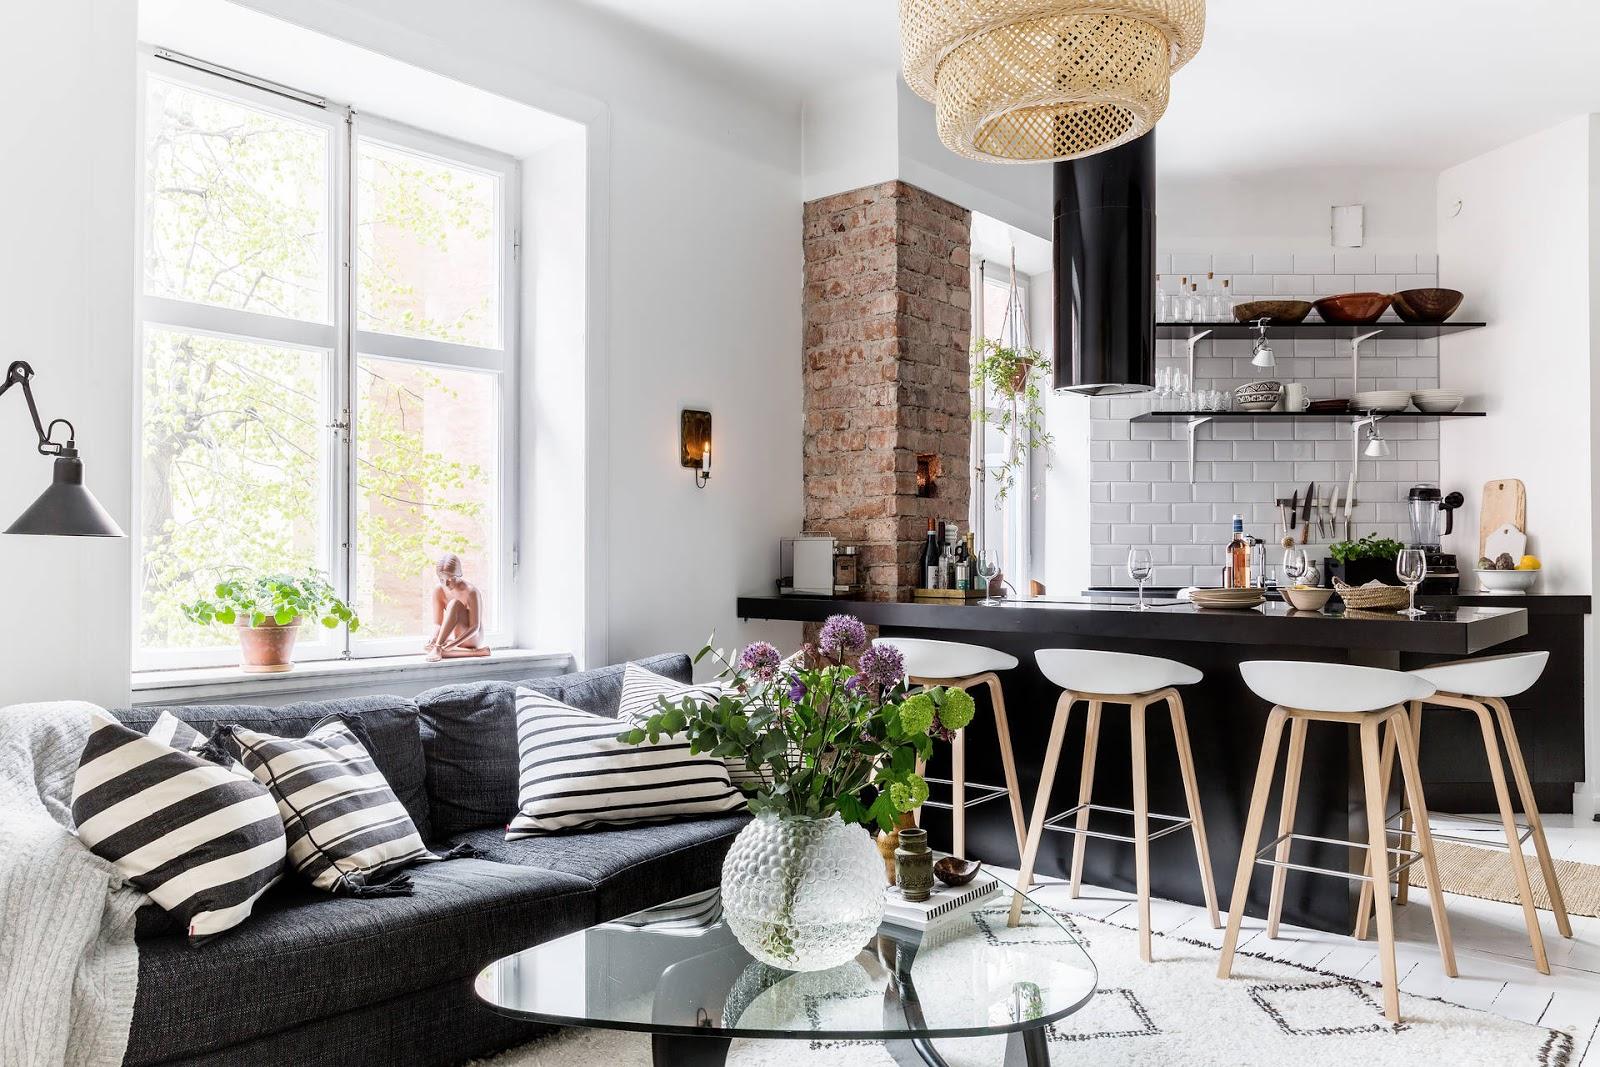 Bucătărie deschisă către living și decor în alb-negru într-un apartament de 45 m²